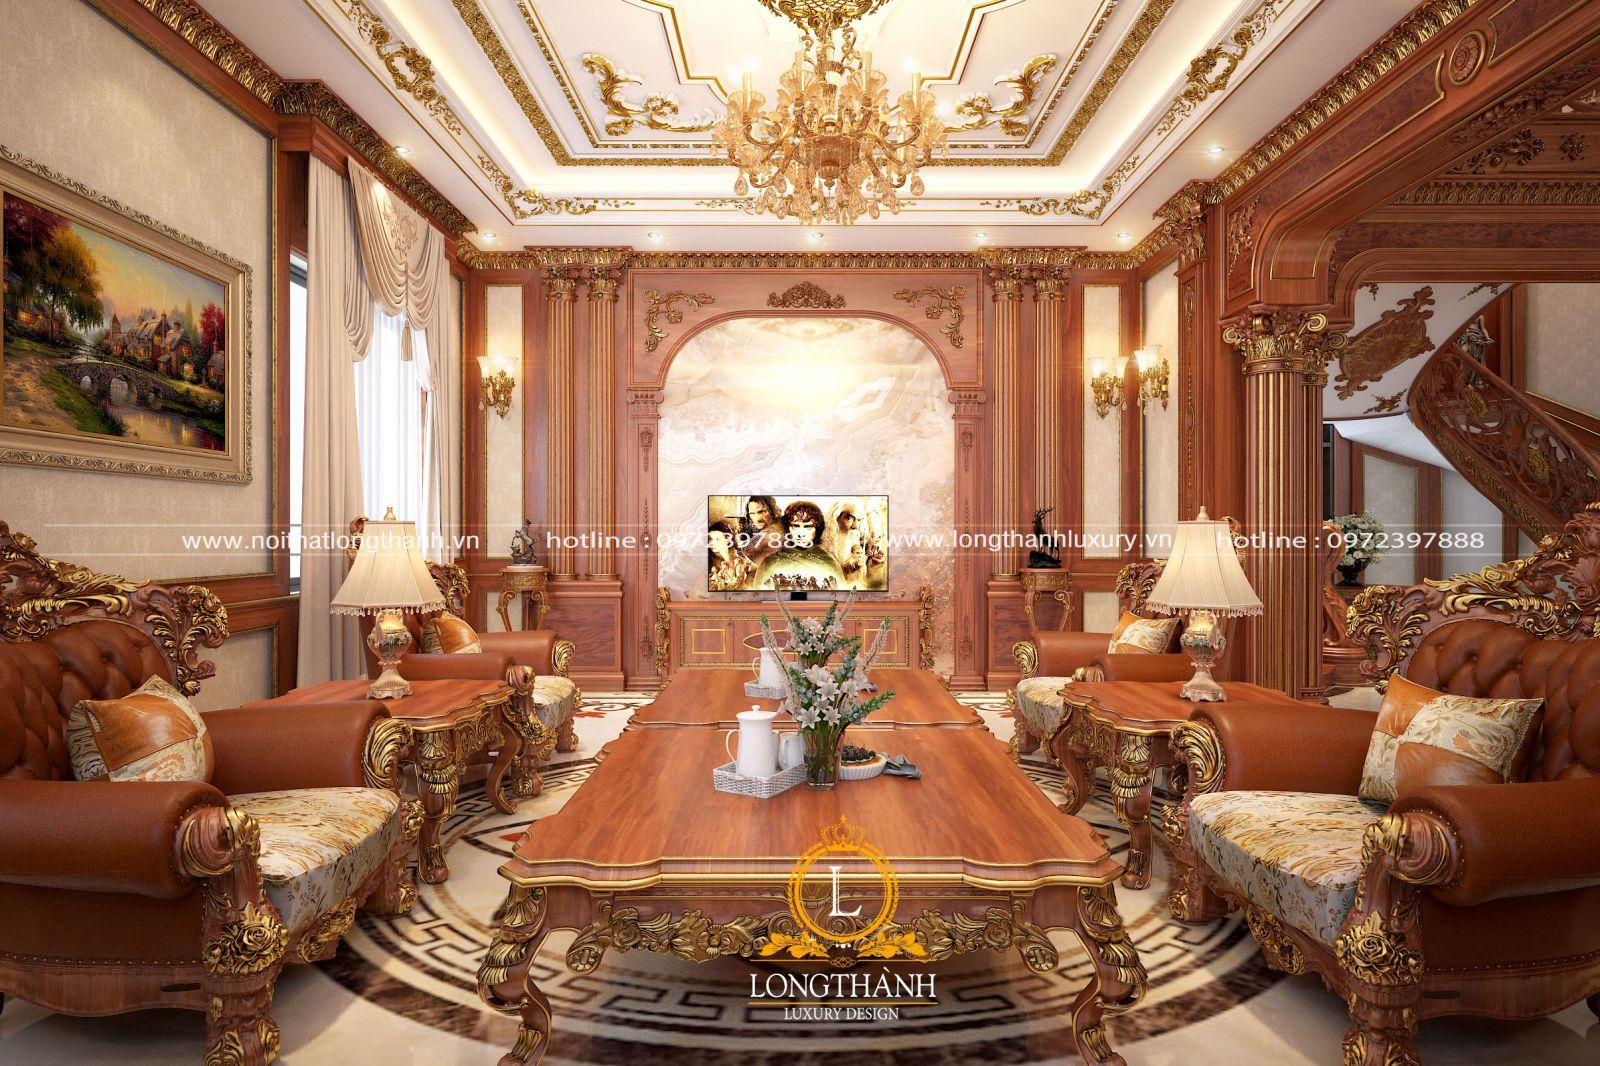 Phòng khách biệt thự tân cổ điển lộng lẫy